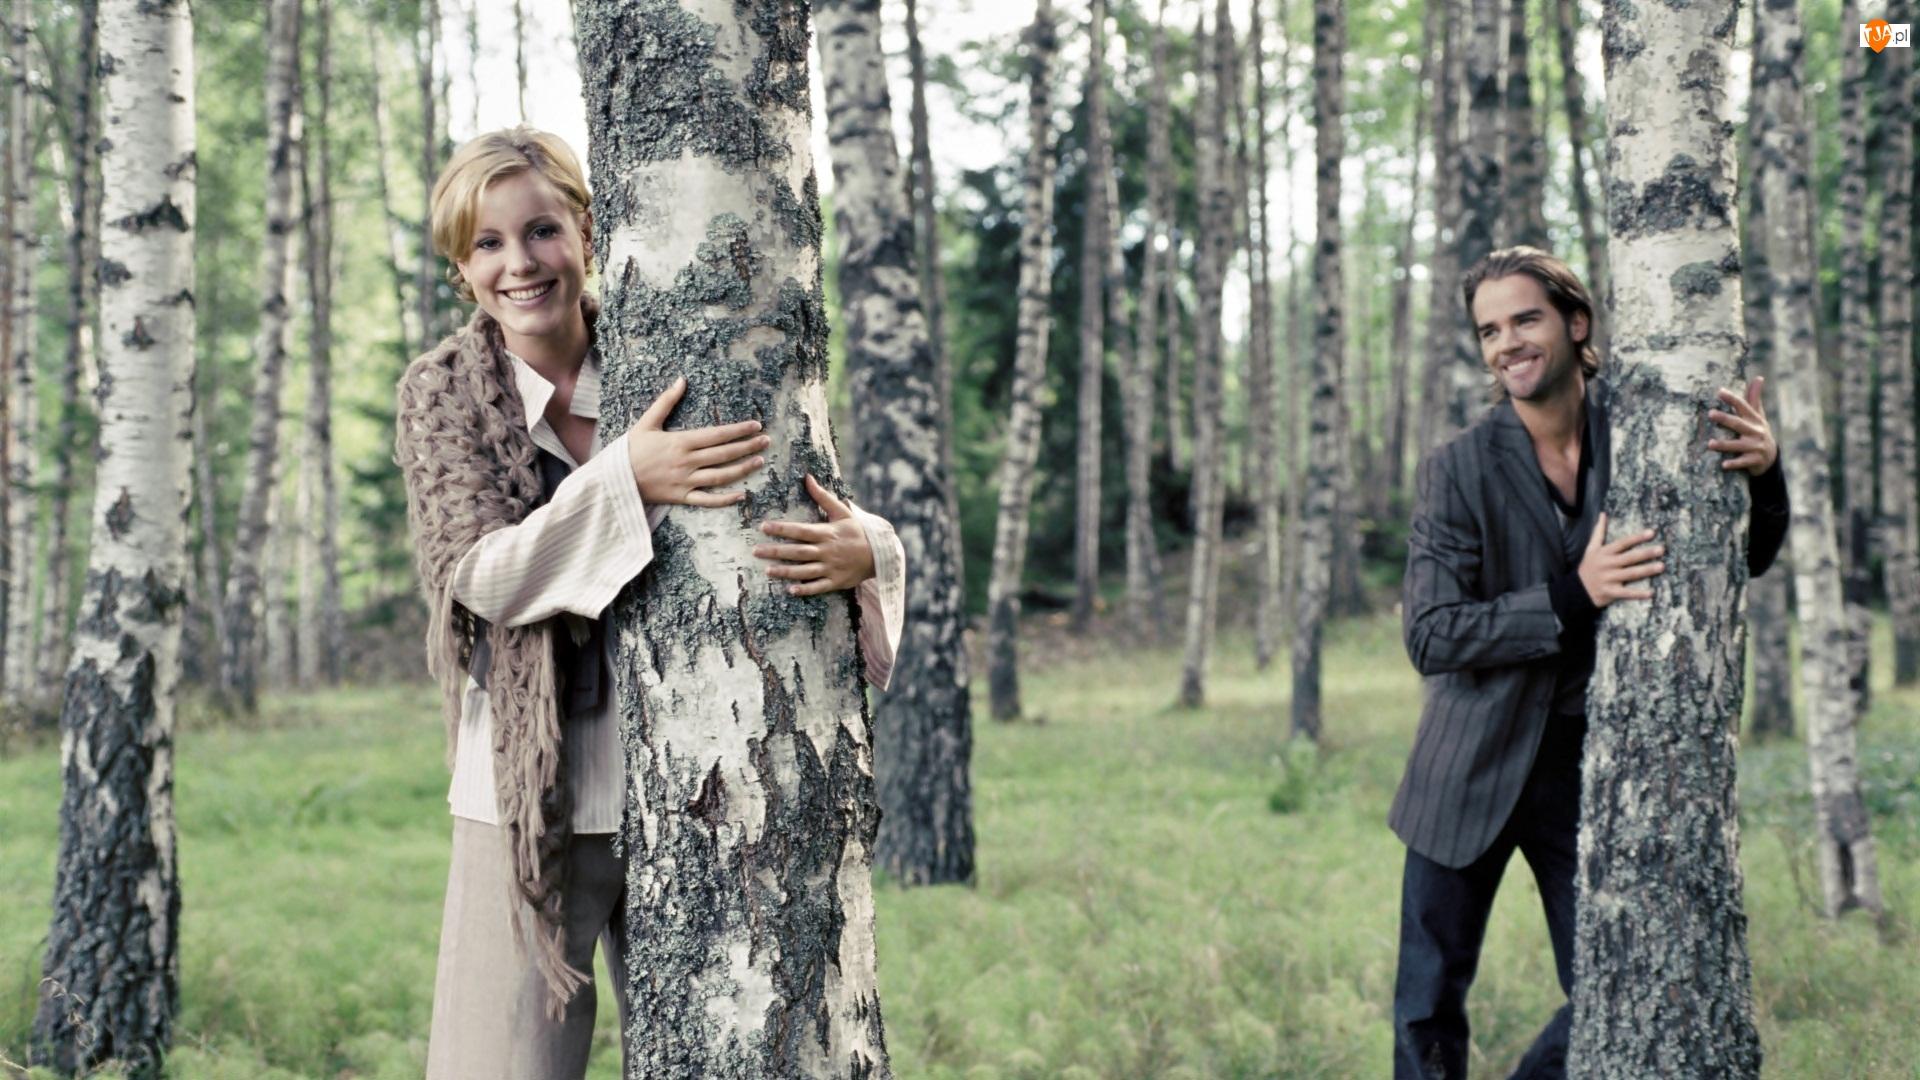 Drzewa, Miłość, Mężczyzna, Para, Brzozy, Kobieta, Las